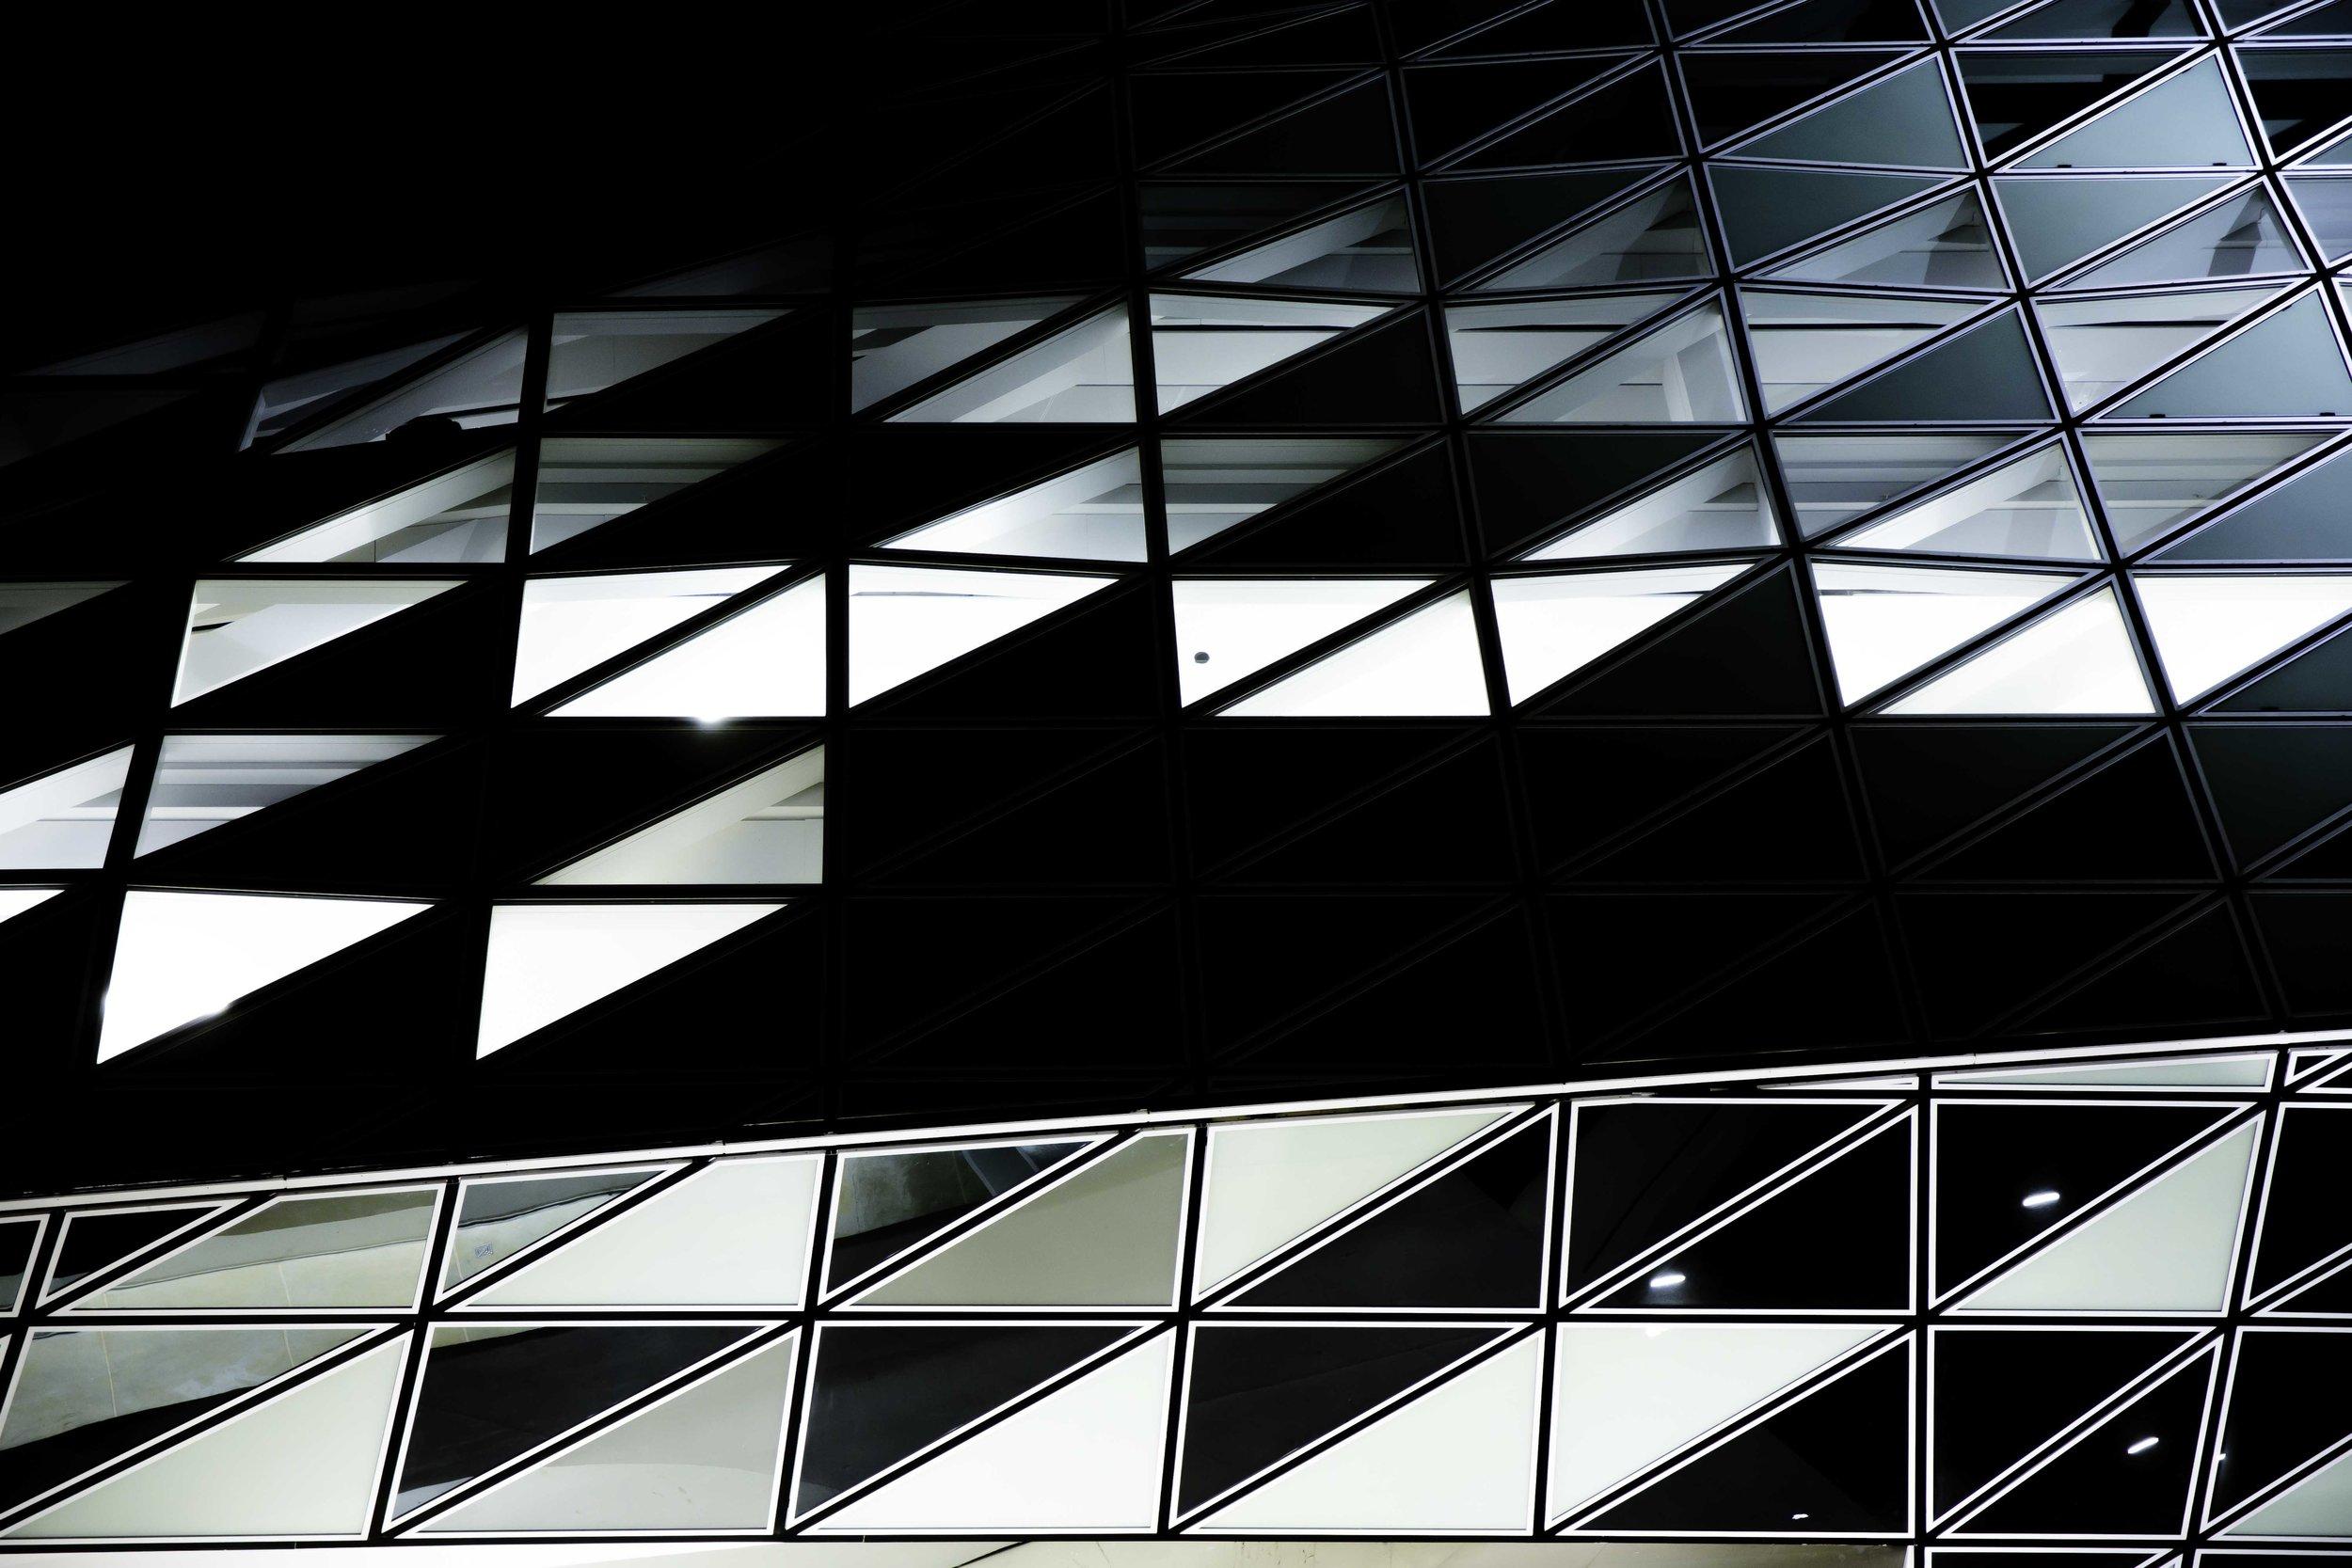 viewfinder-havenhuis-van-antwerpen-nog-anders-bekeken-details-structuren-2